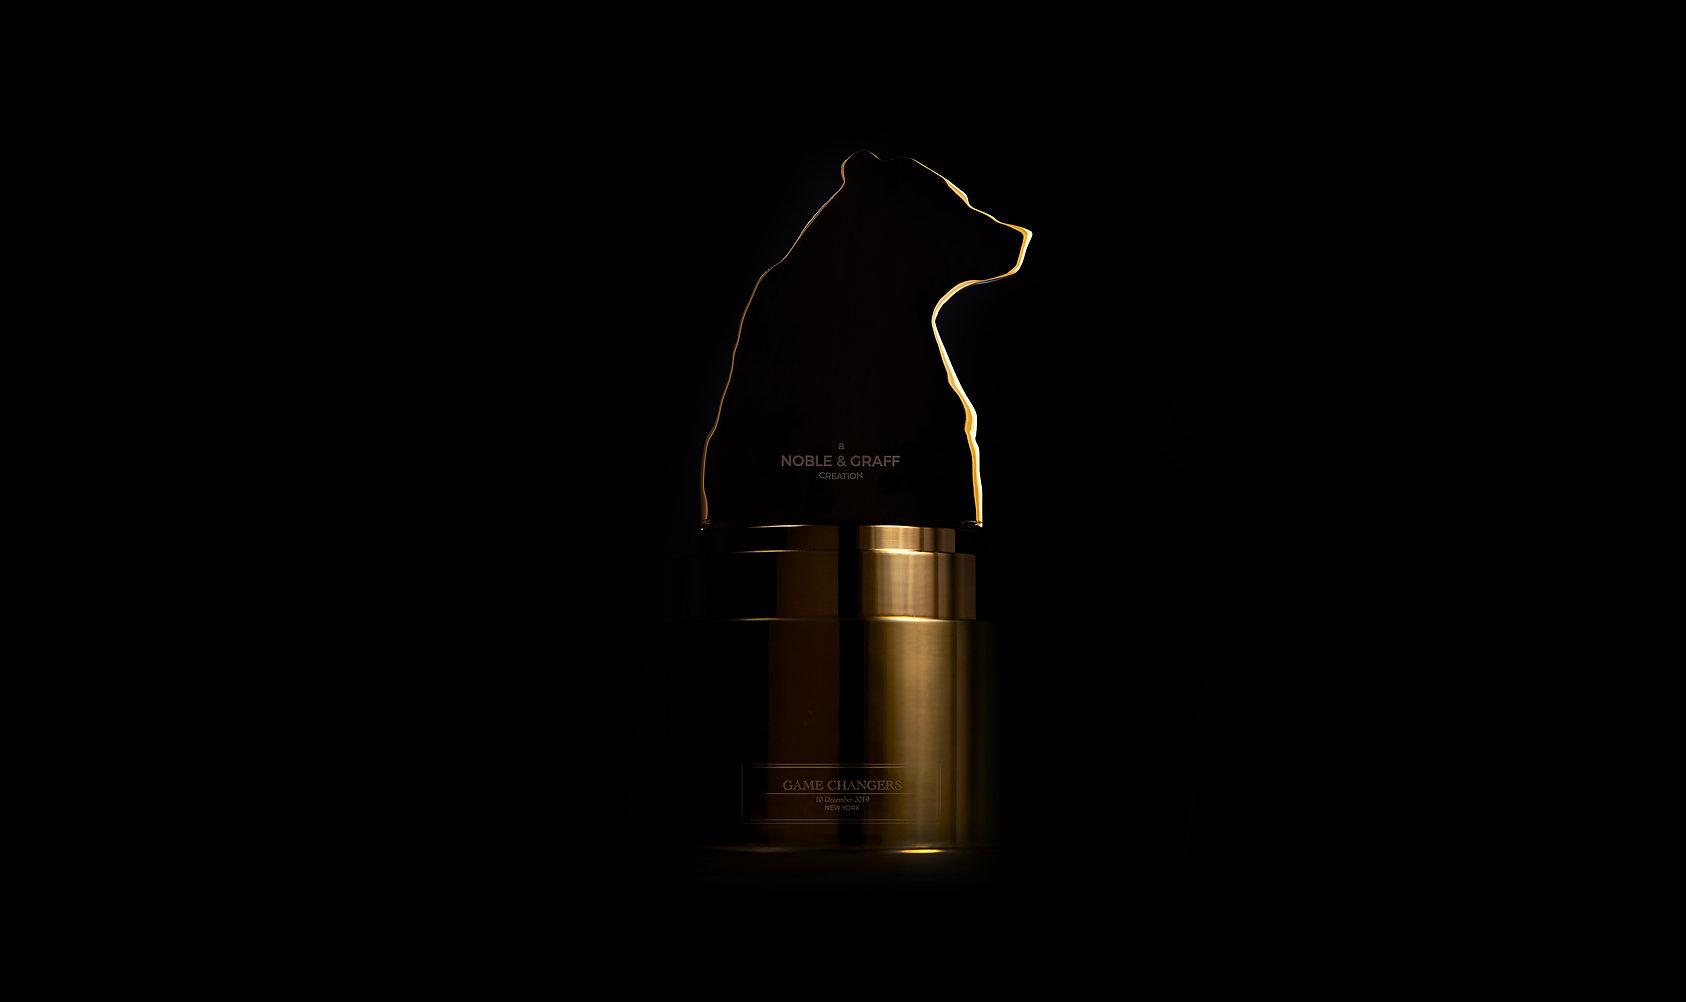 Jack nicklaus bear sculpture.jpg